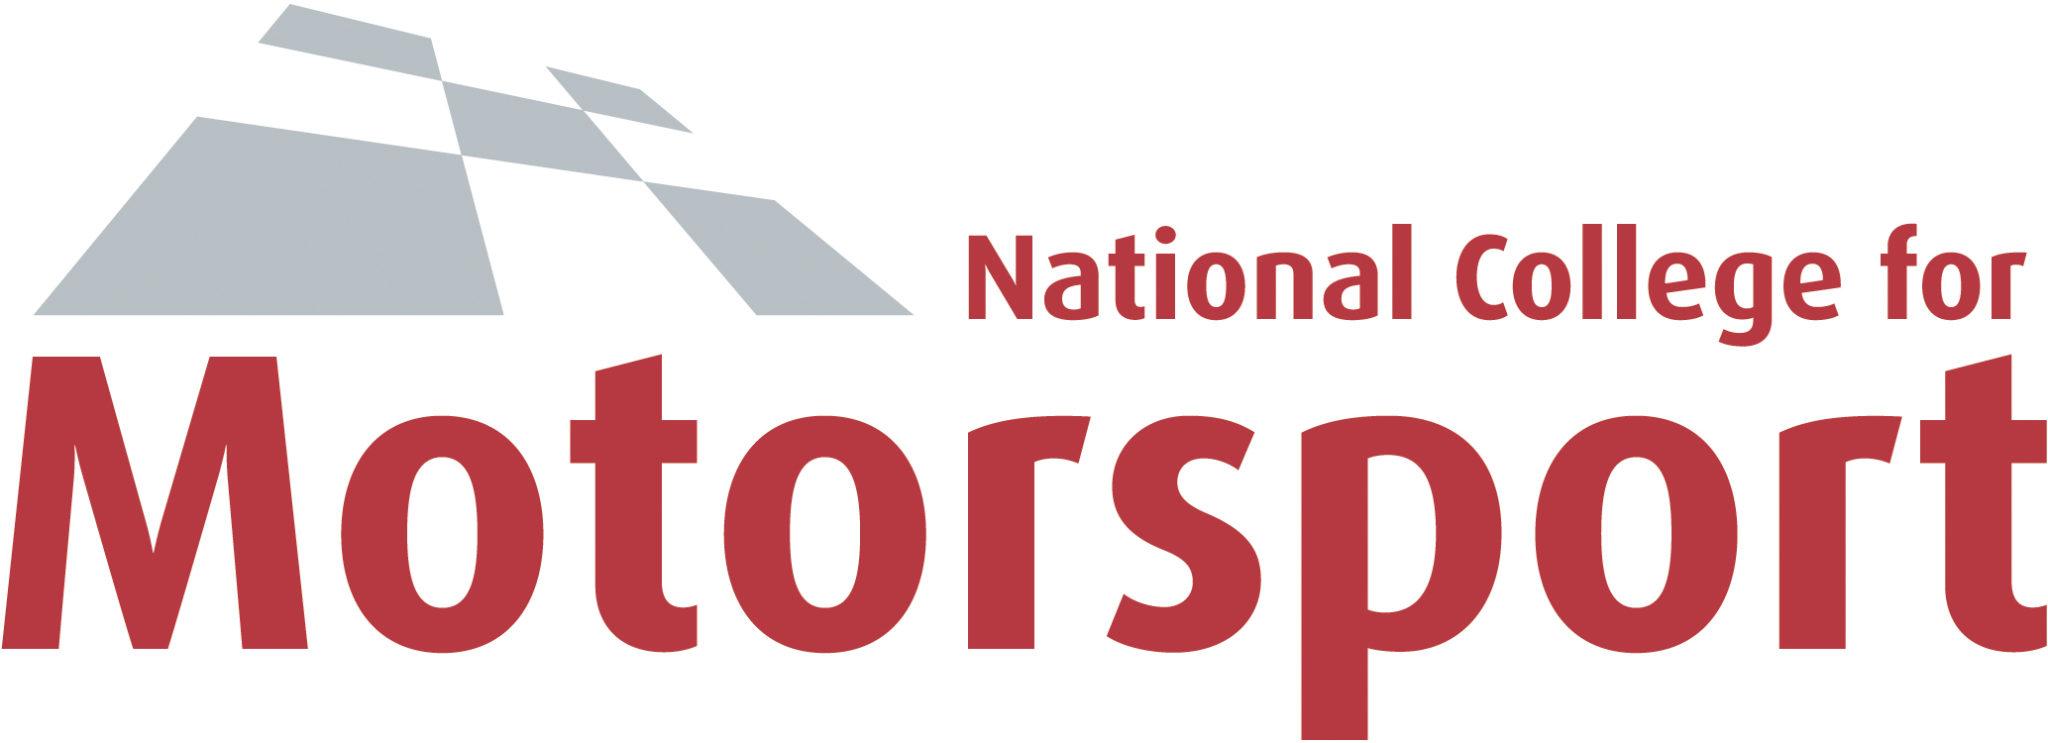 National College for Motorsport